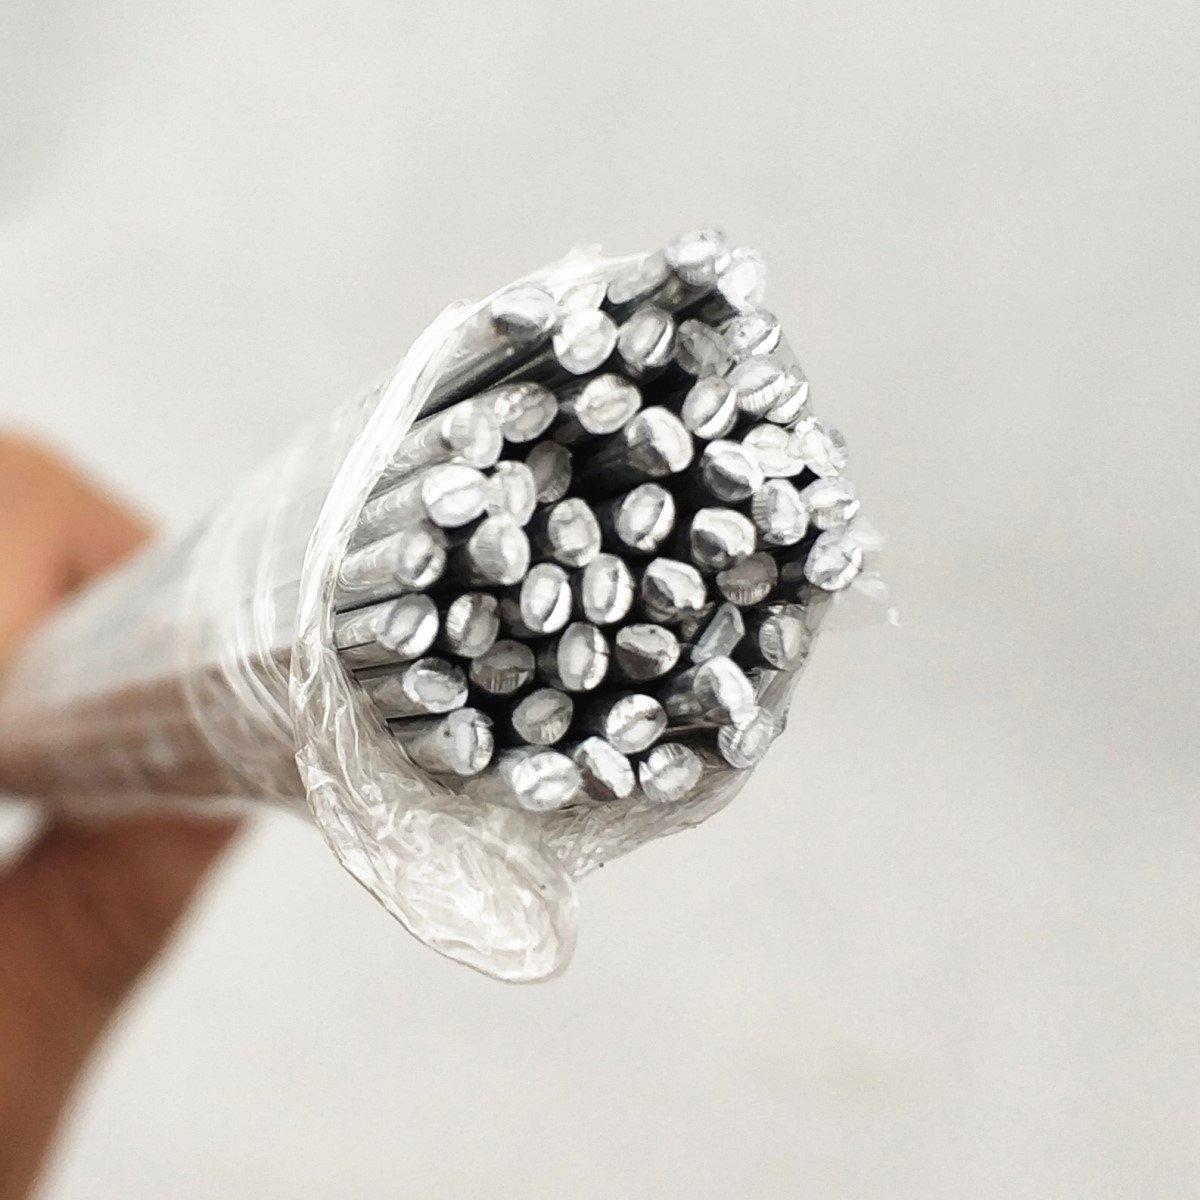 Electrodos de soldadura de aluminio, alambre de soldadura de baja temperatura, 500 x 2,0 mm, varillas de soldadura de reparación de aluminio para aire ...